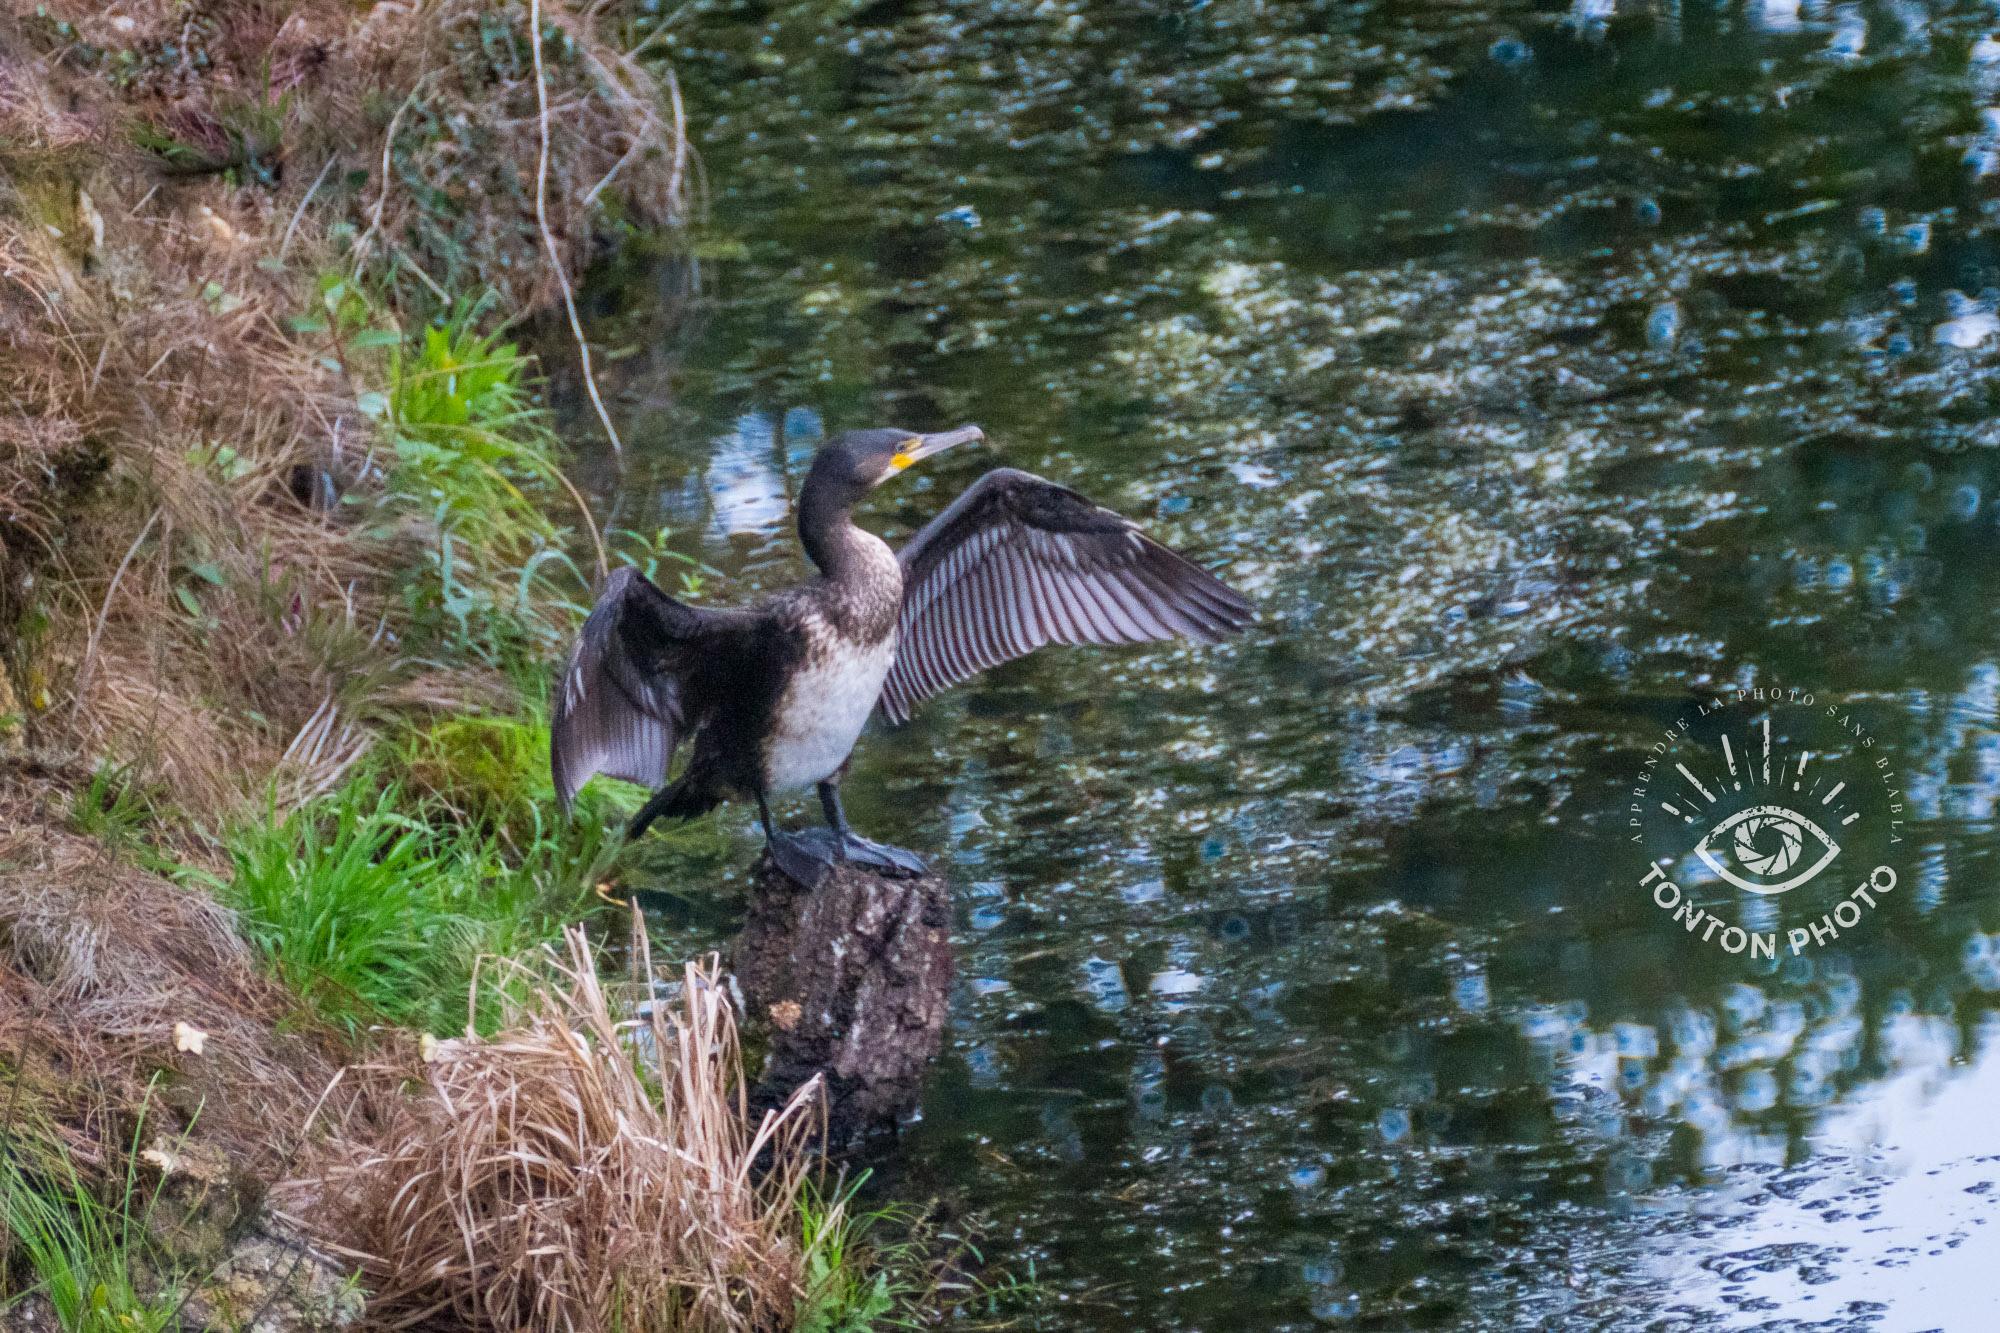 Cormoran séchant ses ailes au bord d'un étang où il vient de pêcher. Télé-objectif Samyang 500mm f/6.3 MC IF © Tonton Photo